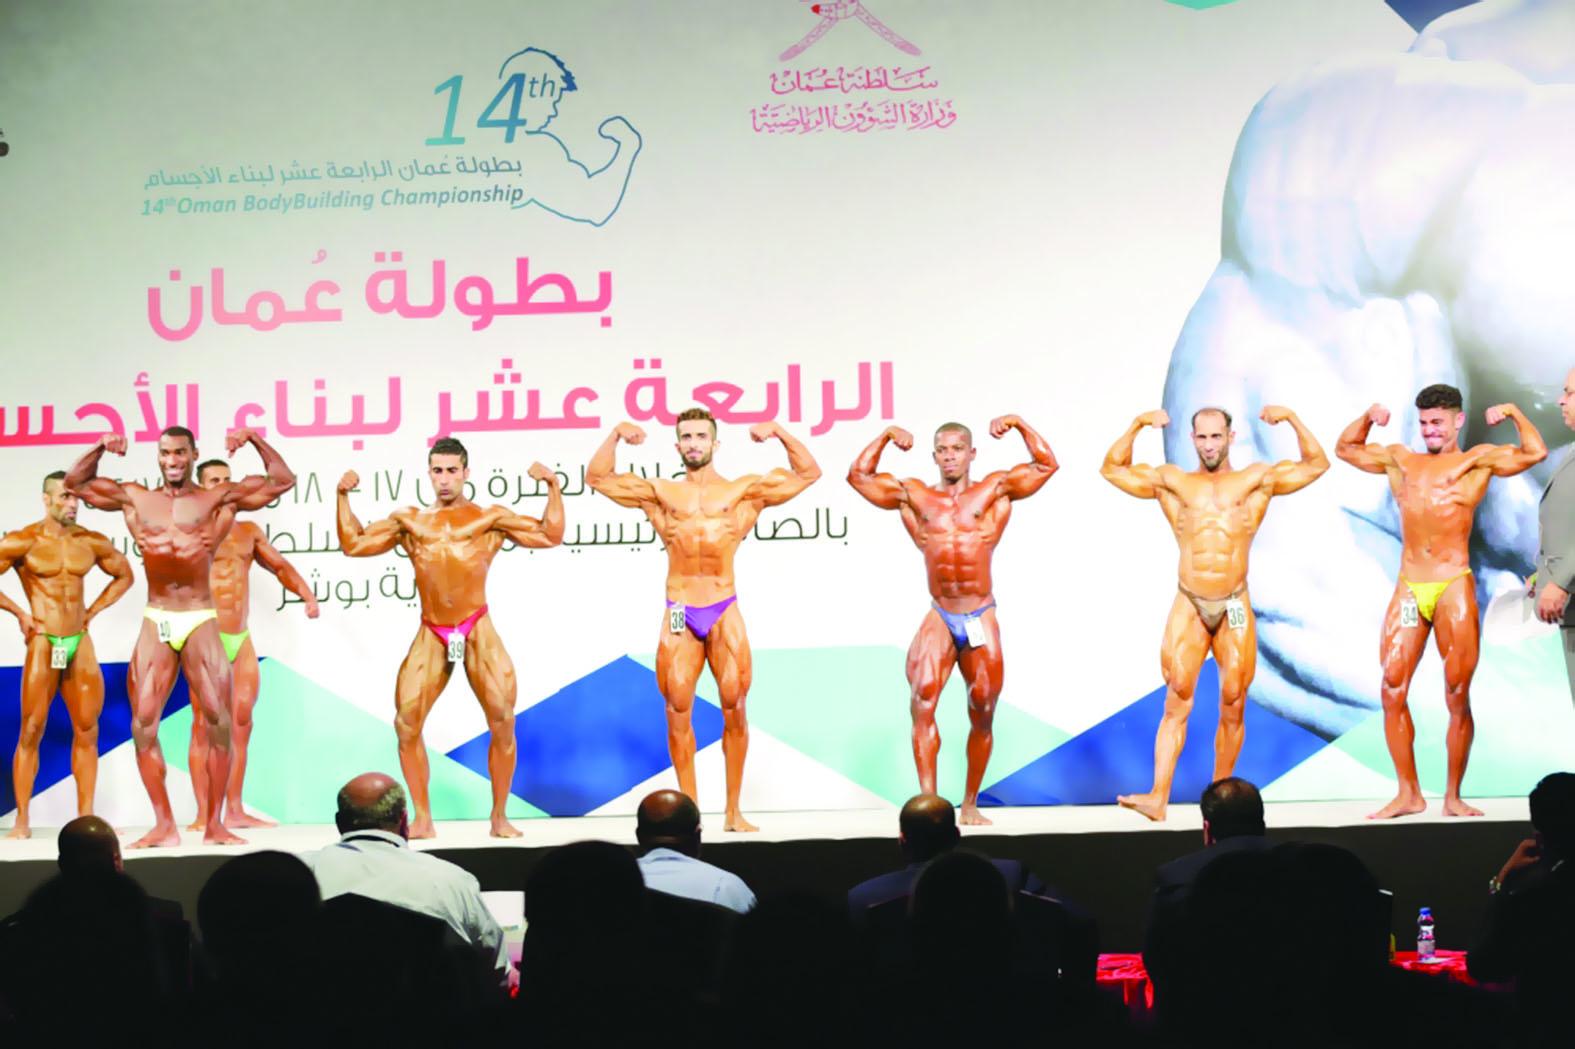 تواصل الاستعدادات لإقامة بطولة عمان لبناء الأجسام